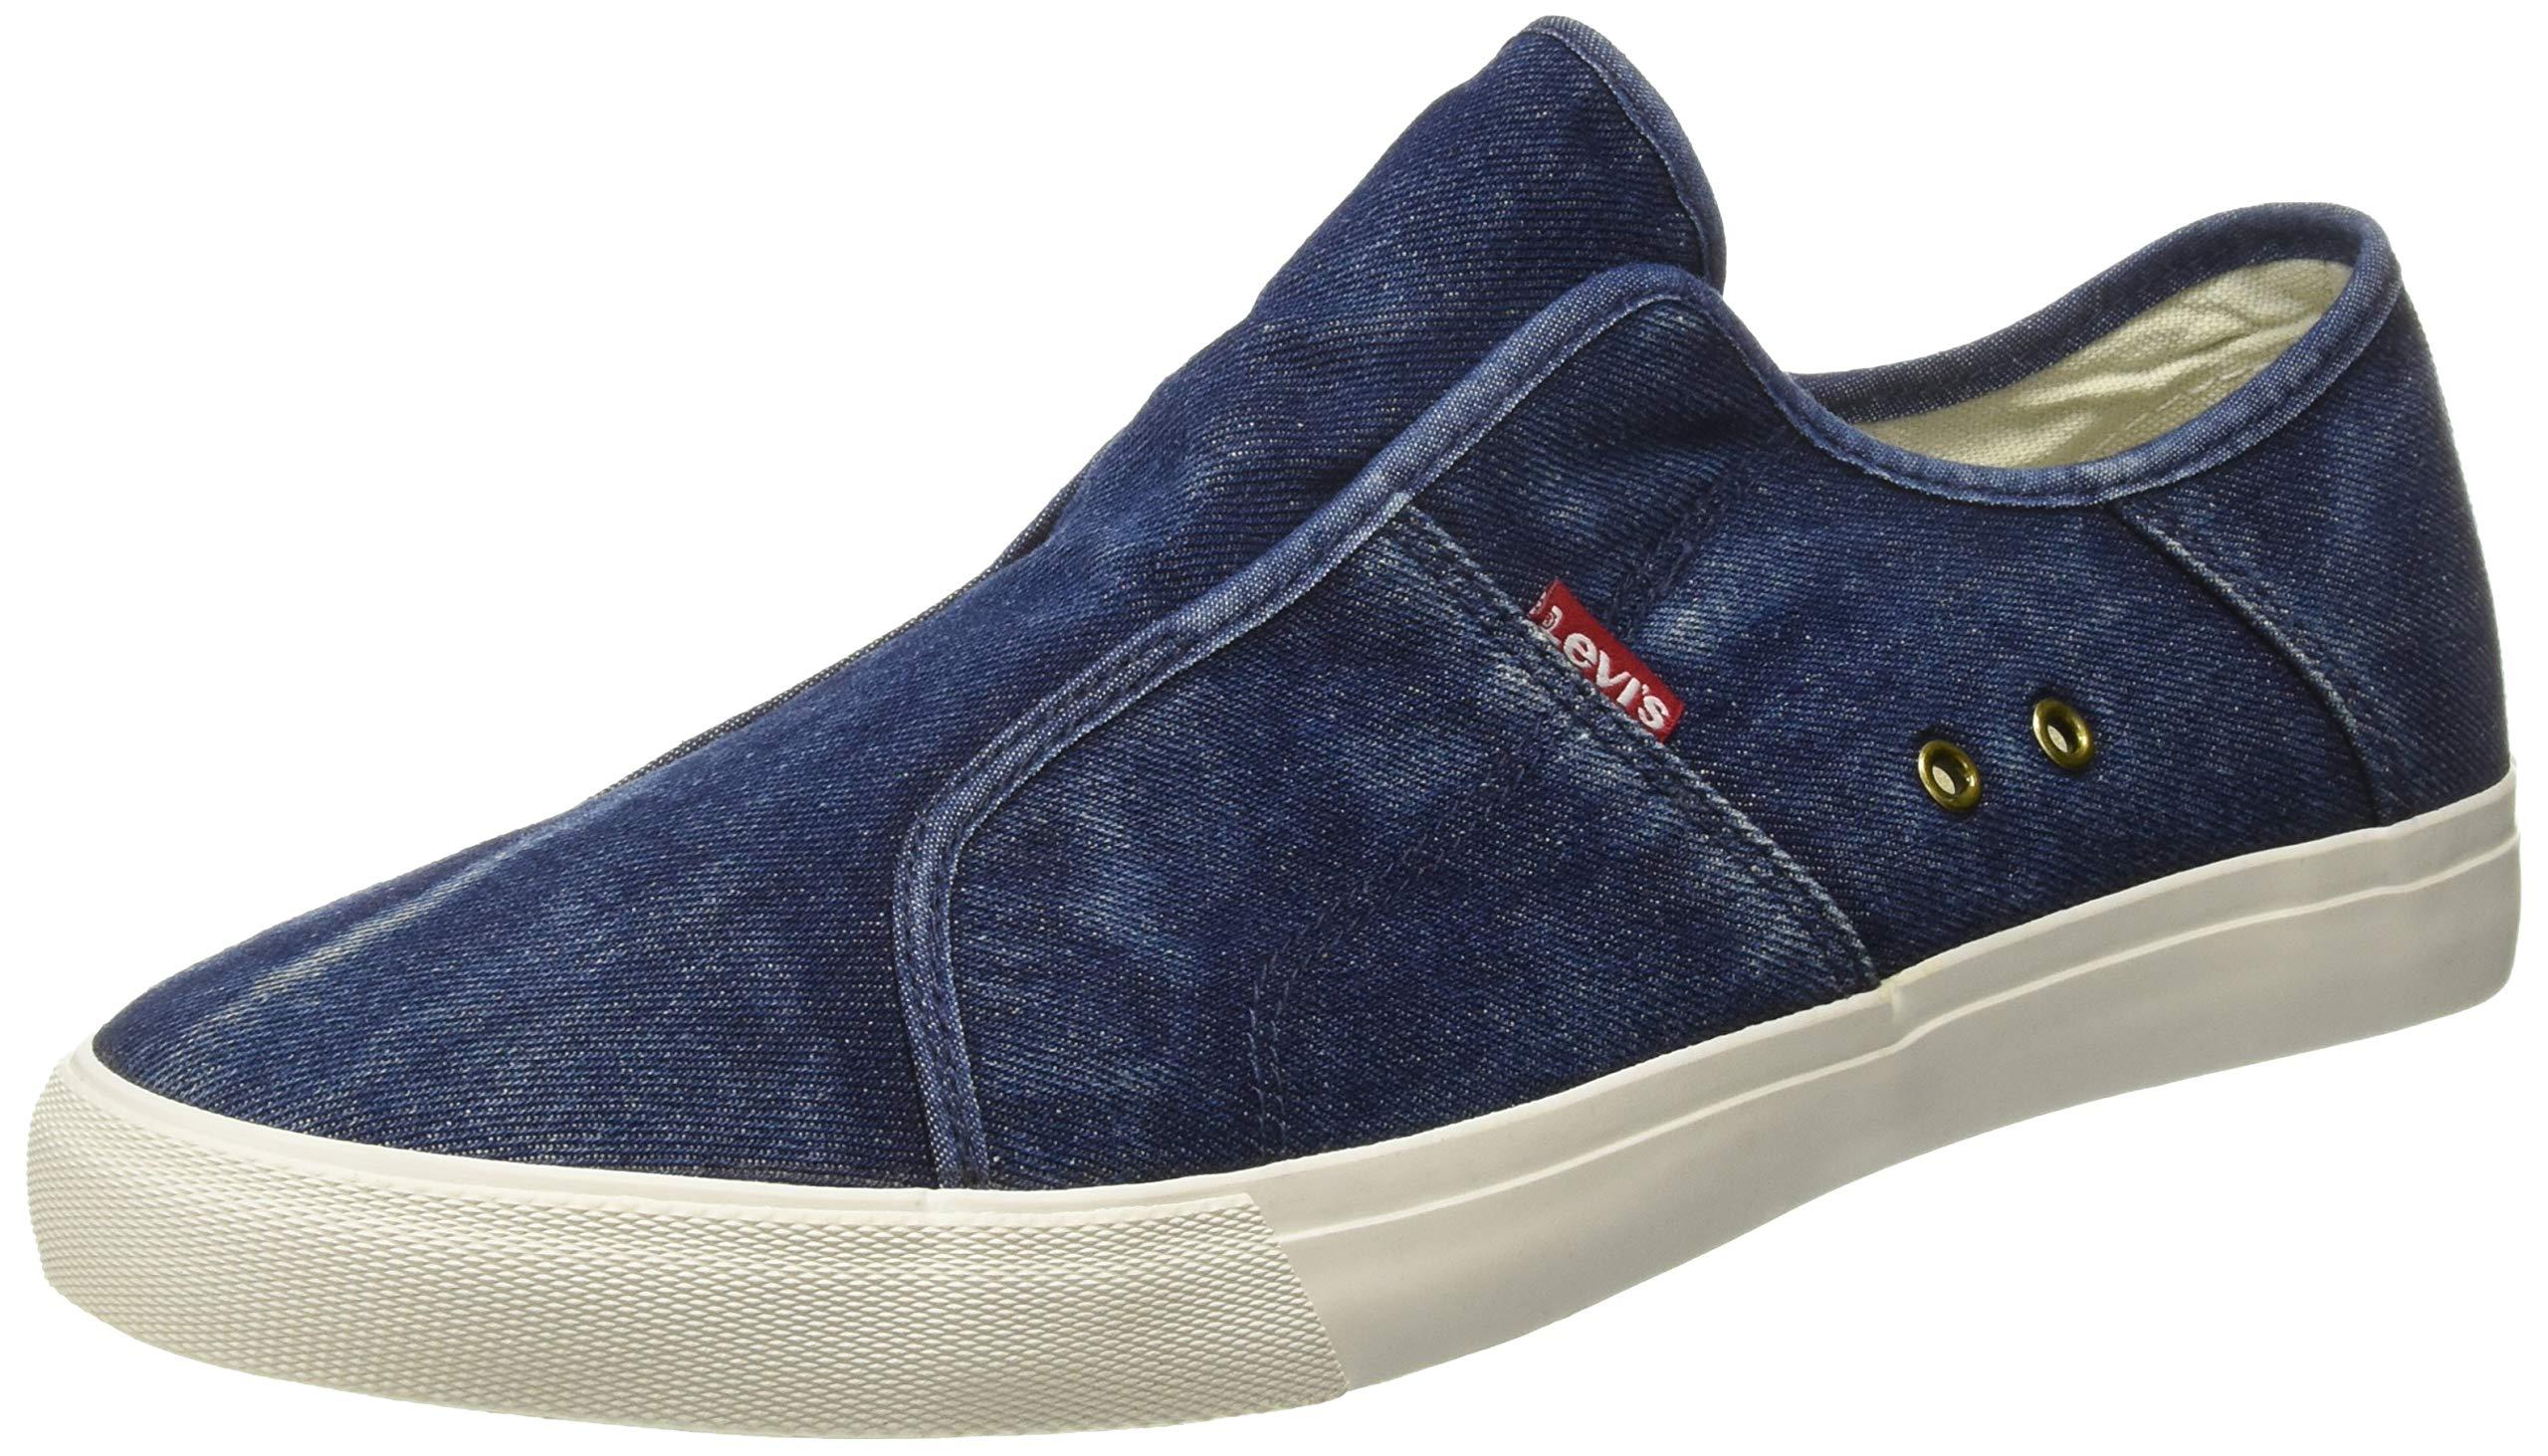 Levi's Men's Hauxton 2.0 Navy Blue Sneakers-11 UK/India (46)(12 US) (38110-0531) (B07FZ4BP4D) Amazon Price History, Amazon Price Tracker